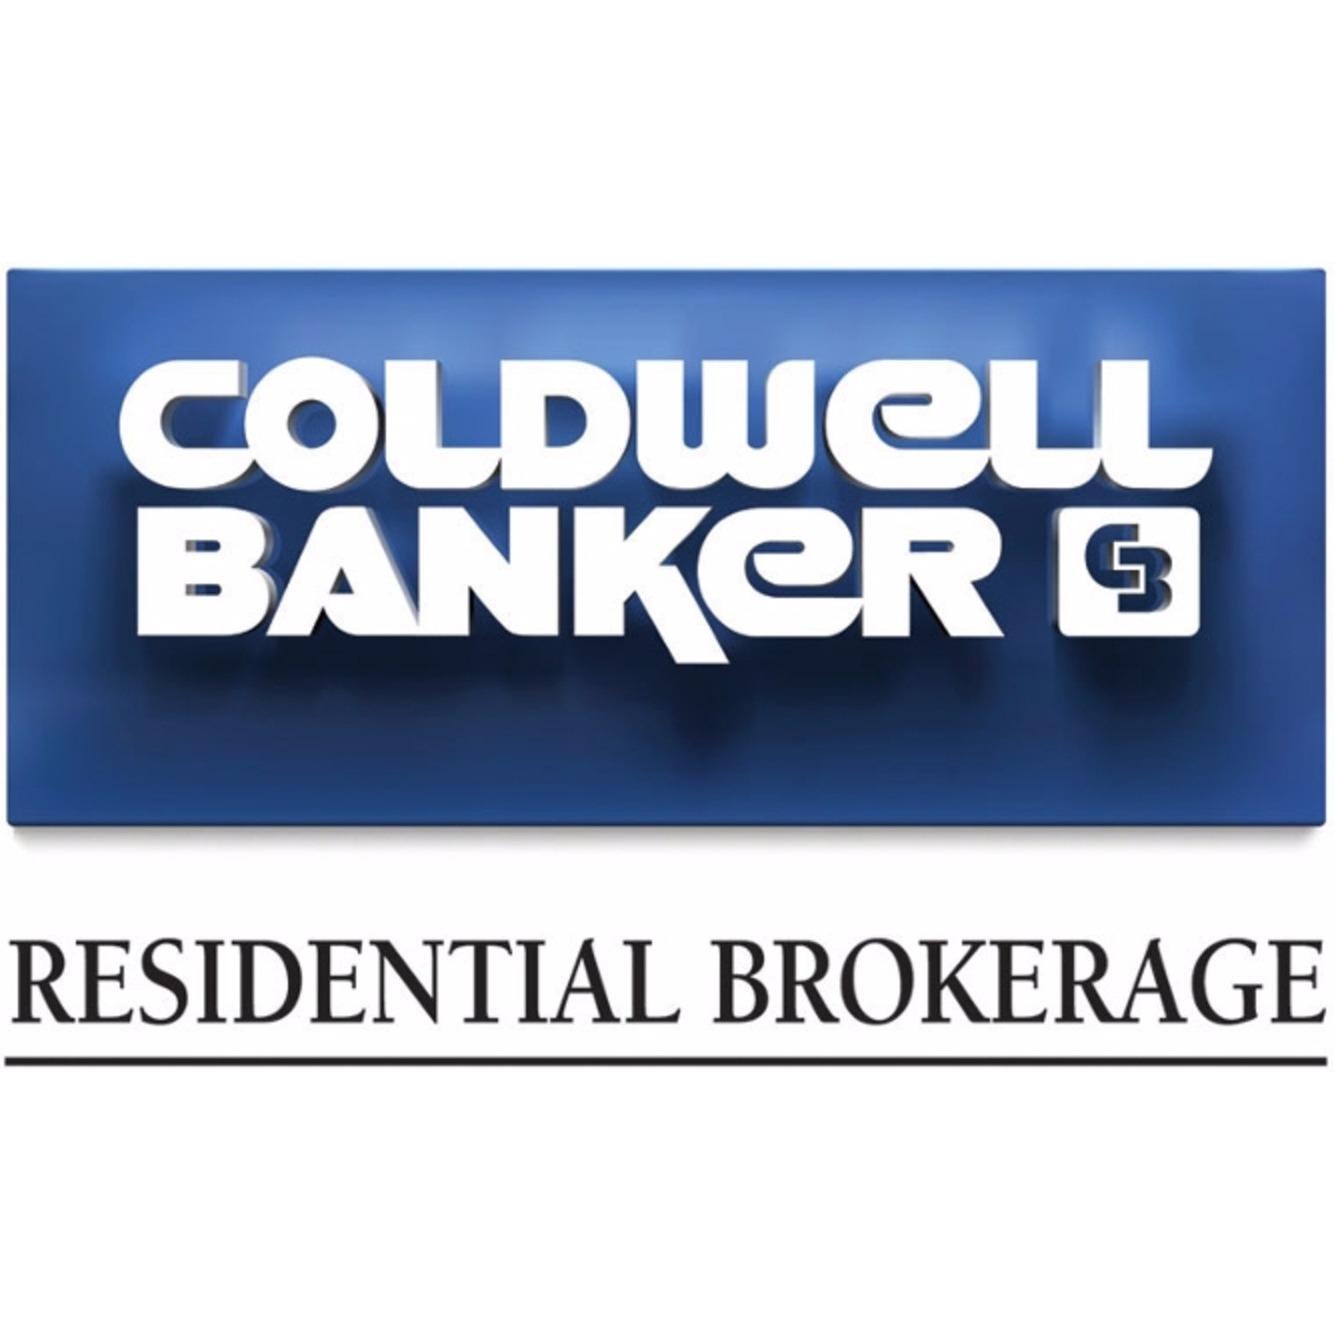 Debbie McGarrity | Coldwell Banker Residential Brokerage